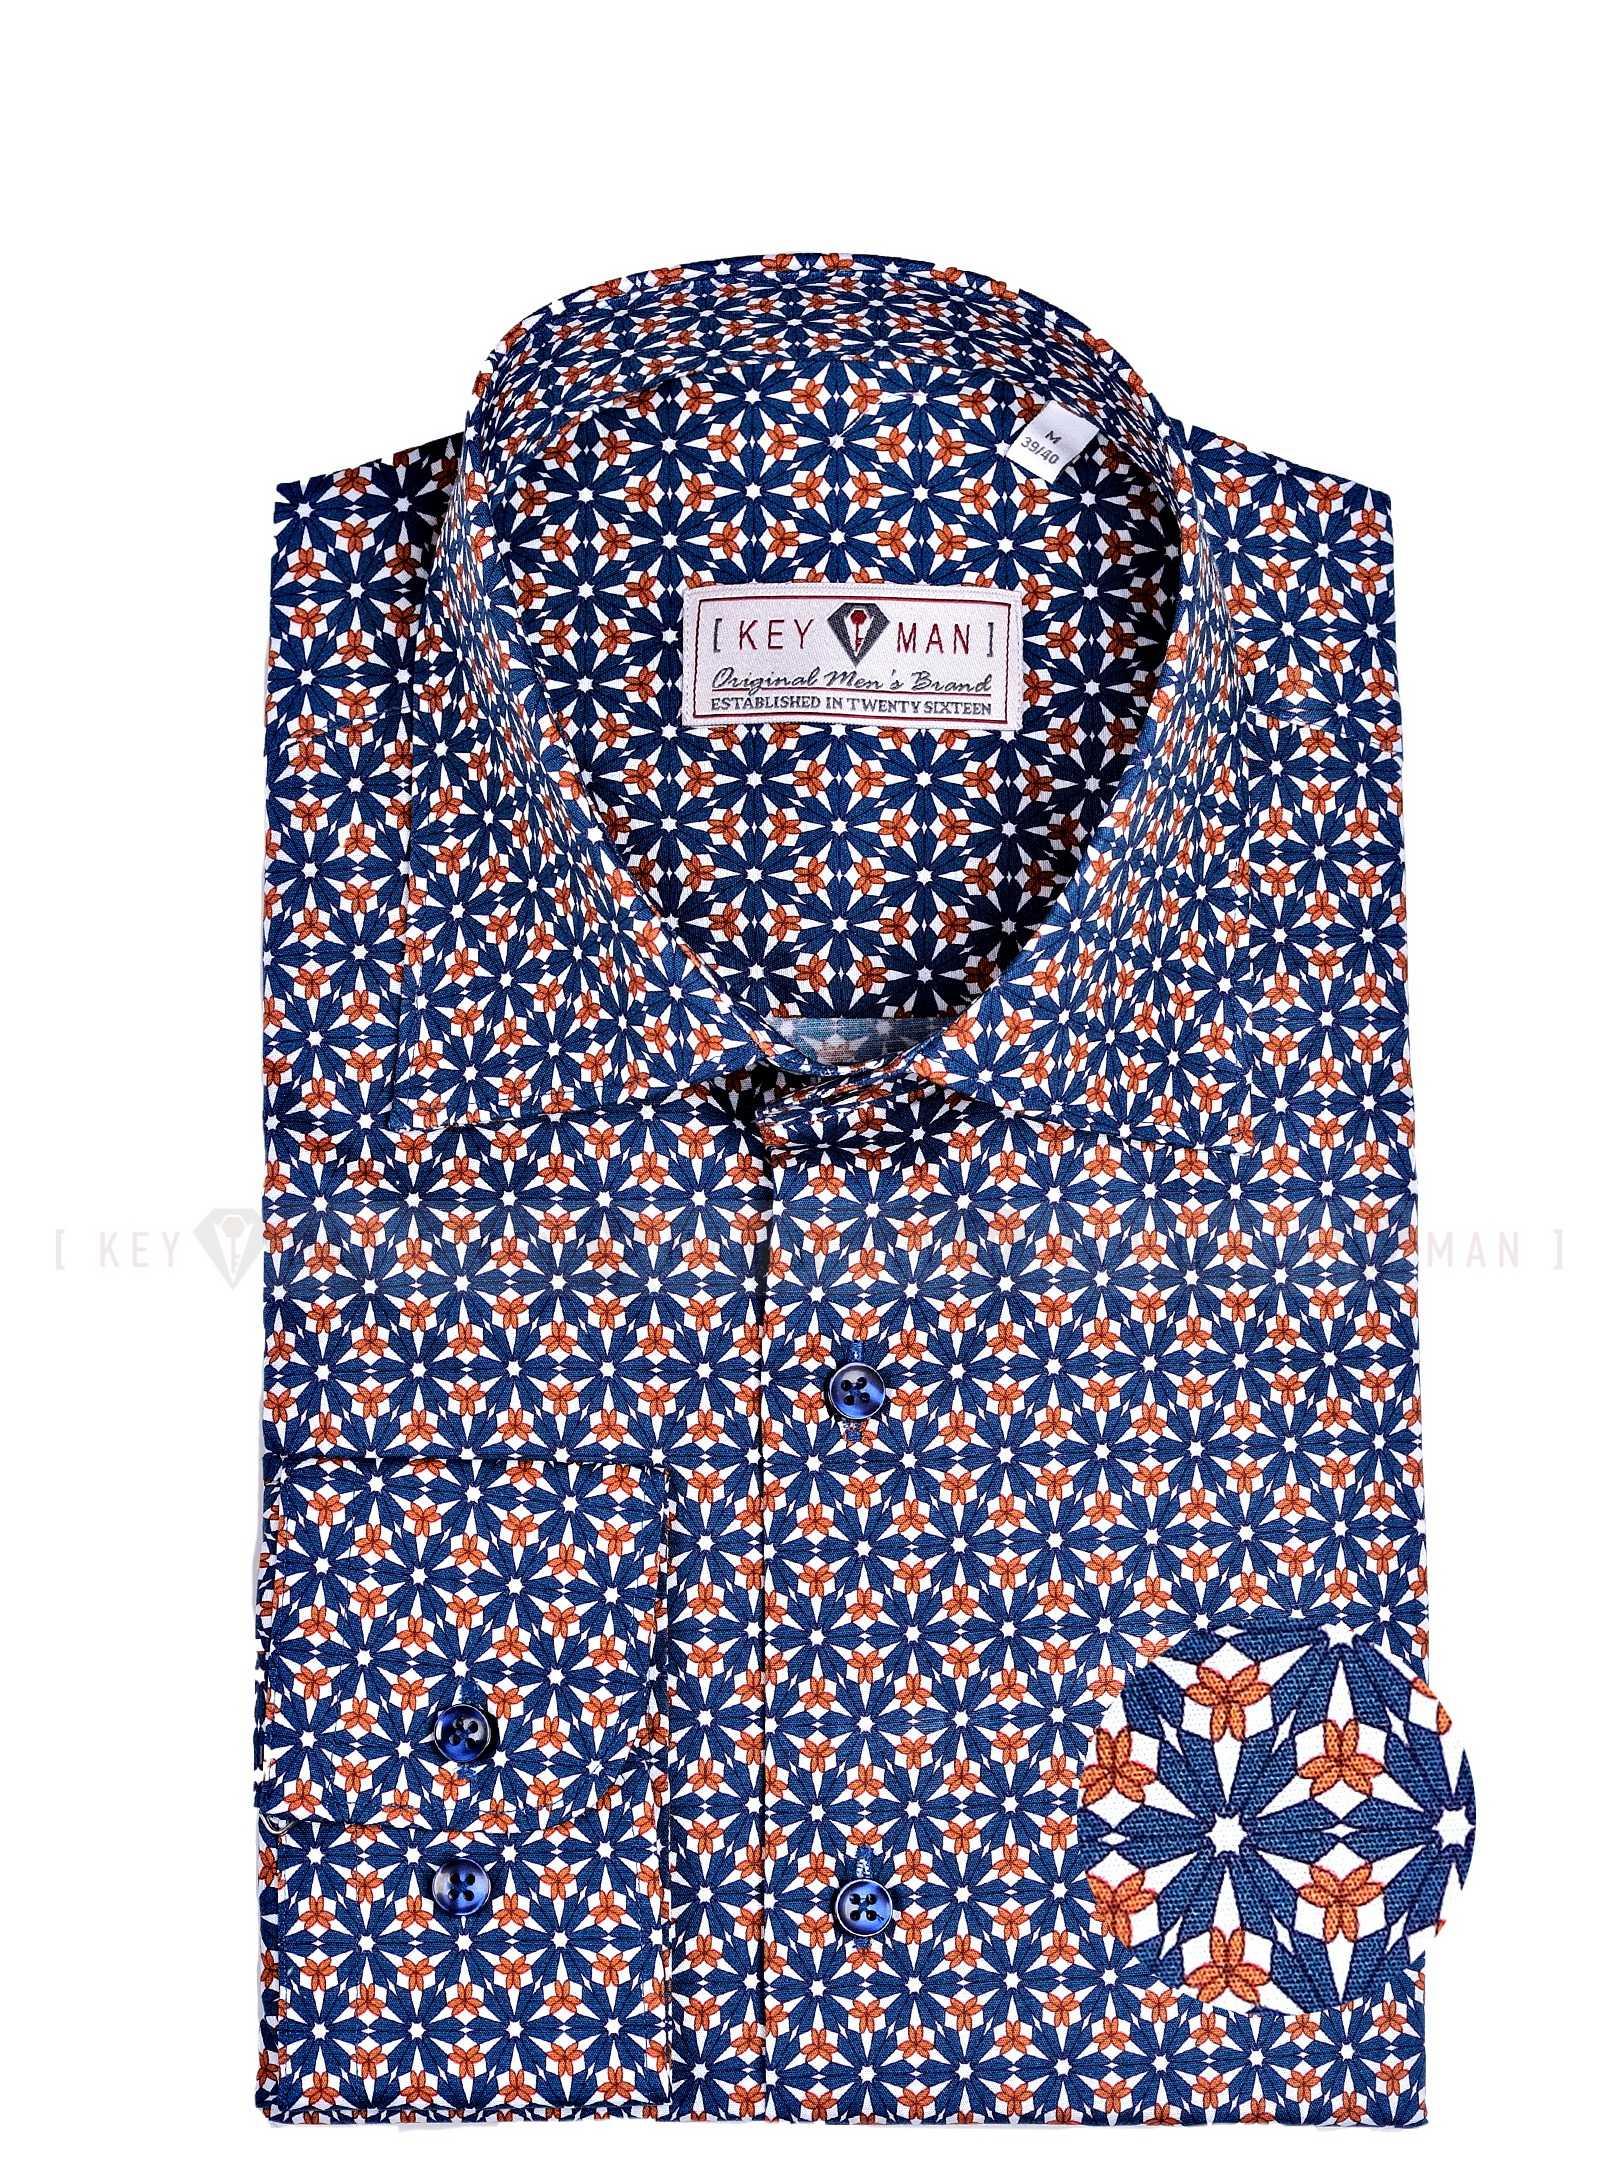 Рубашка мужская в сине-рыжий цветочный узор с лайкрой, классика воротник